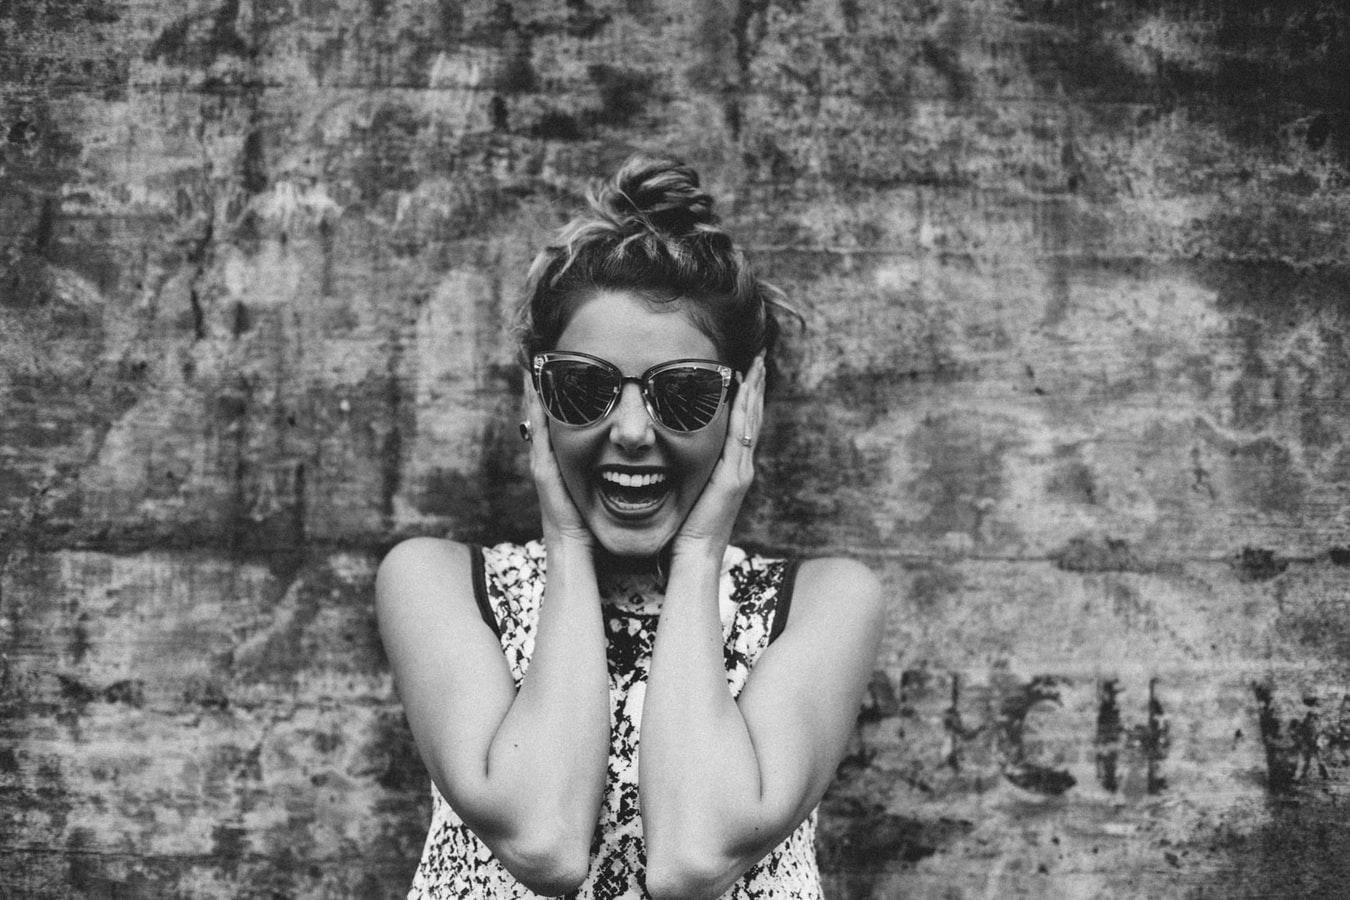 Definícia šťastia - úsmev ženy